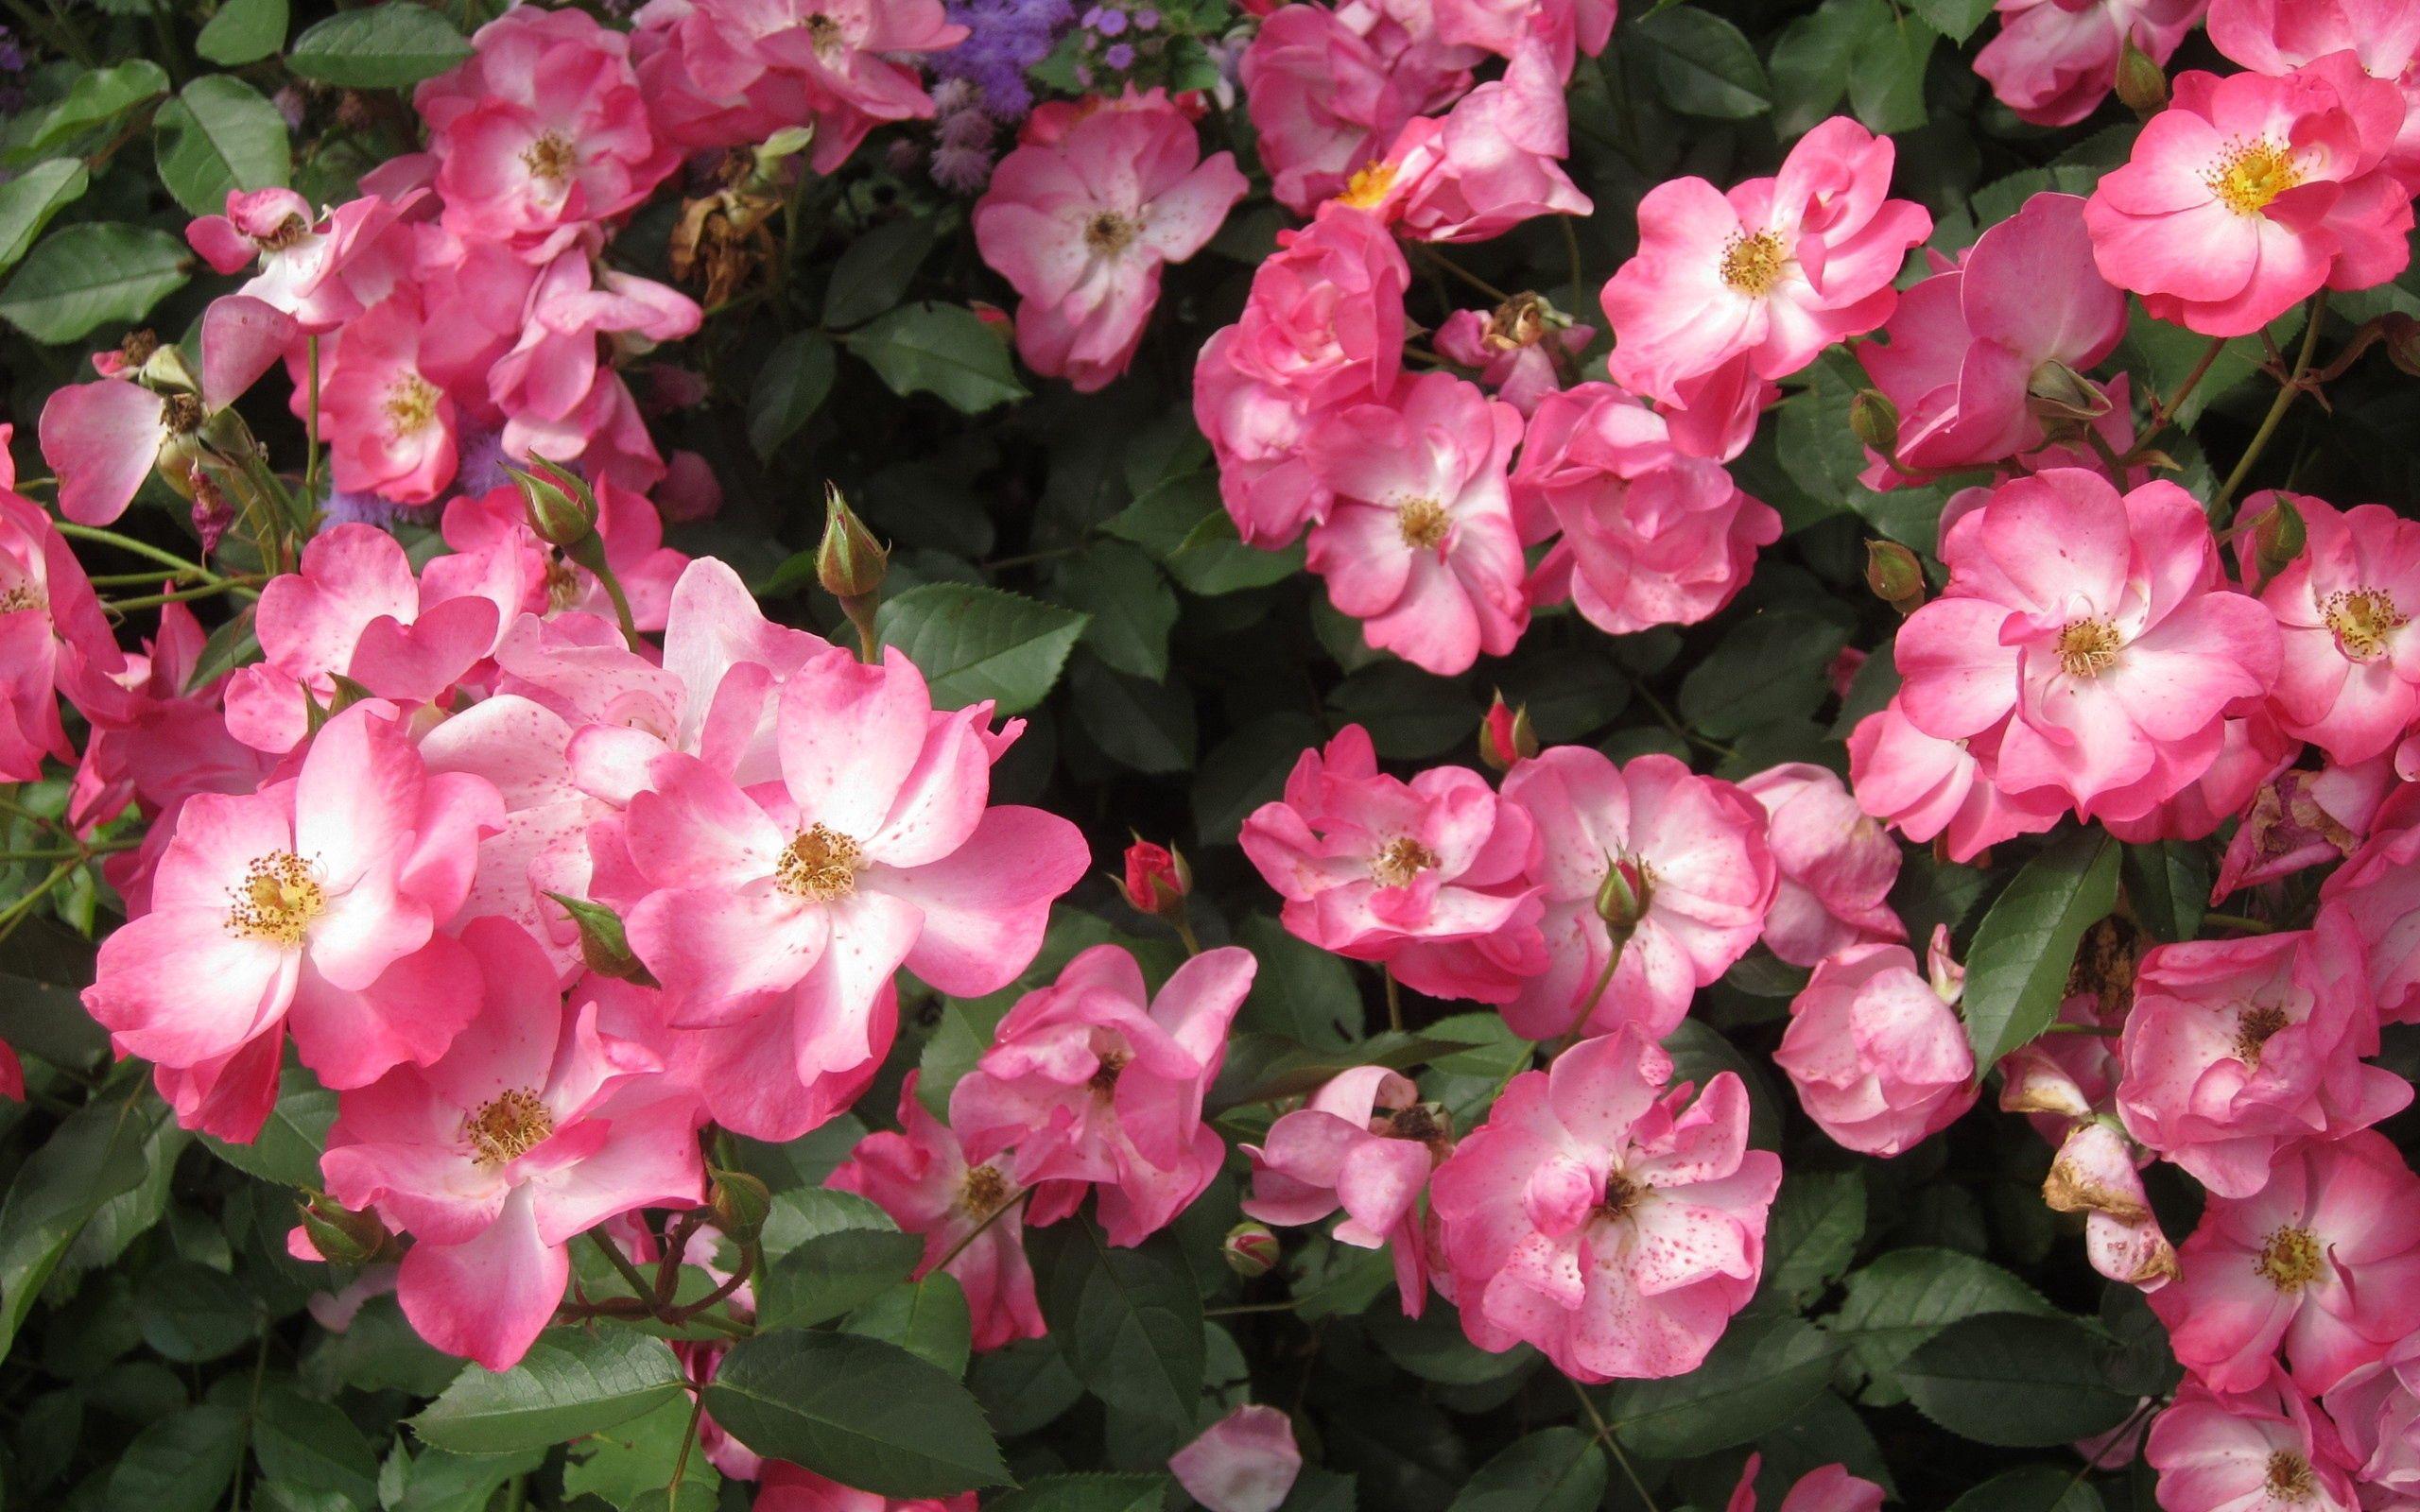 89012 скачать обои Цветы, Шиповник, Цветение, Кустарник, Листья - заставки и картинки бесплатно